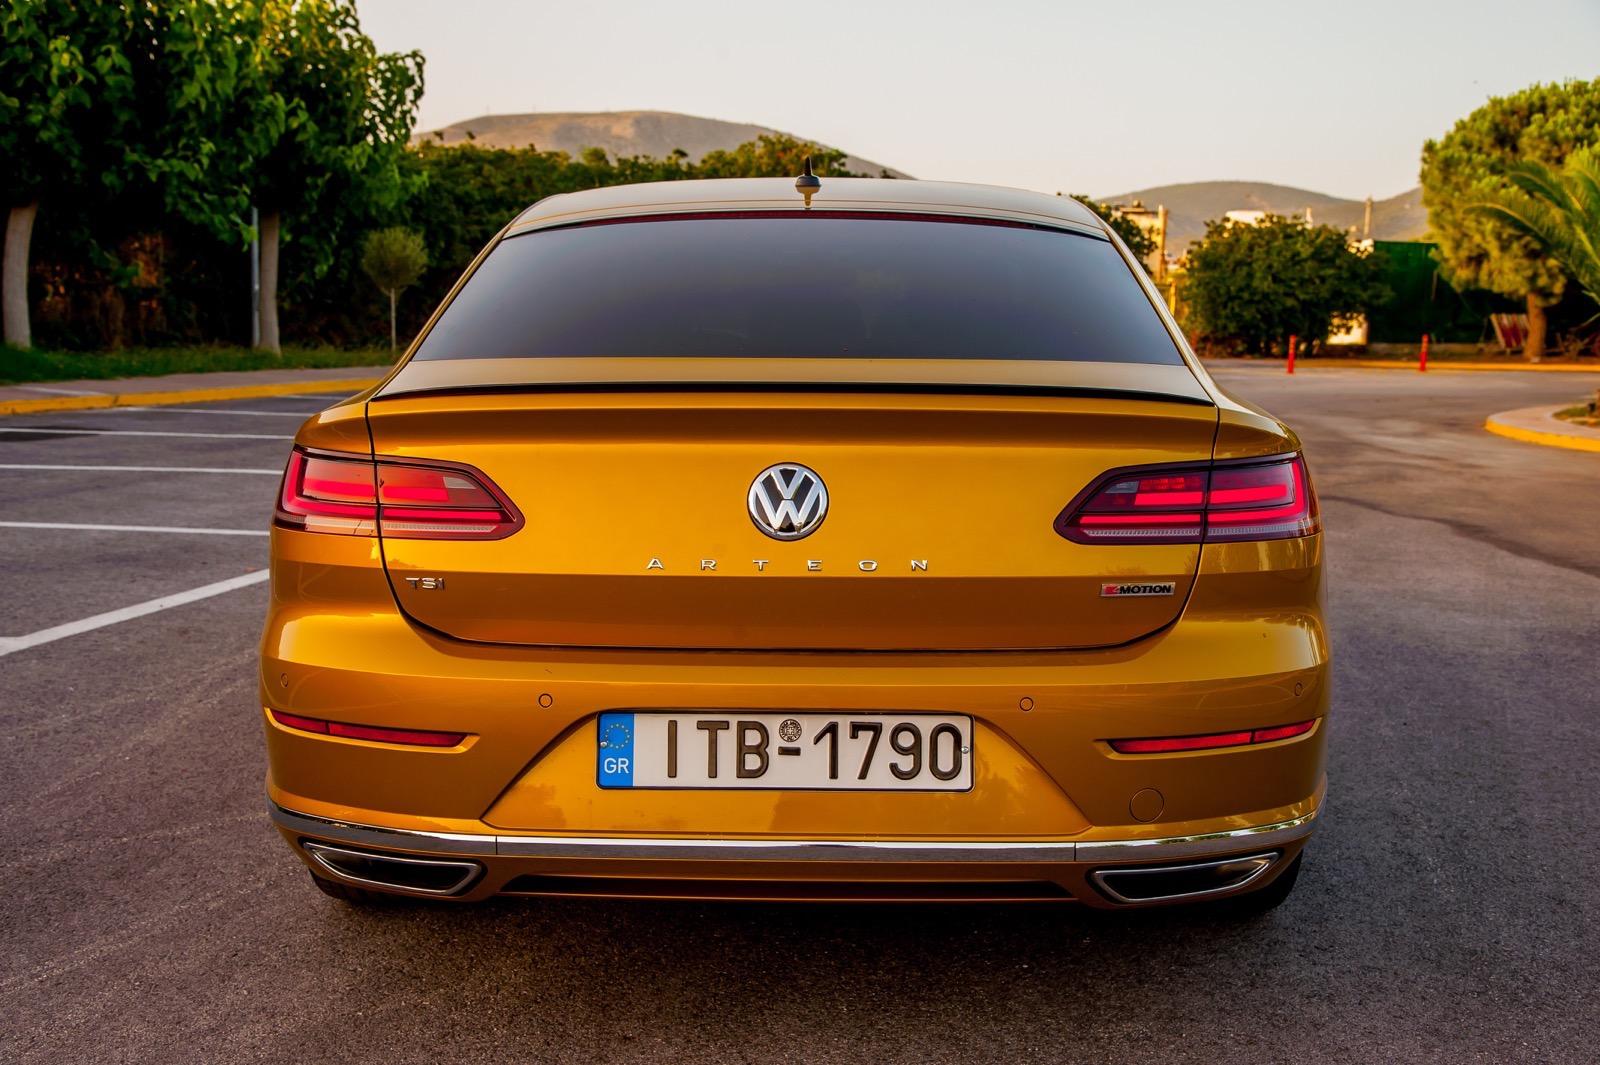 Volkswagen_Arteon_Greek_Presentataion_68